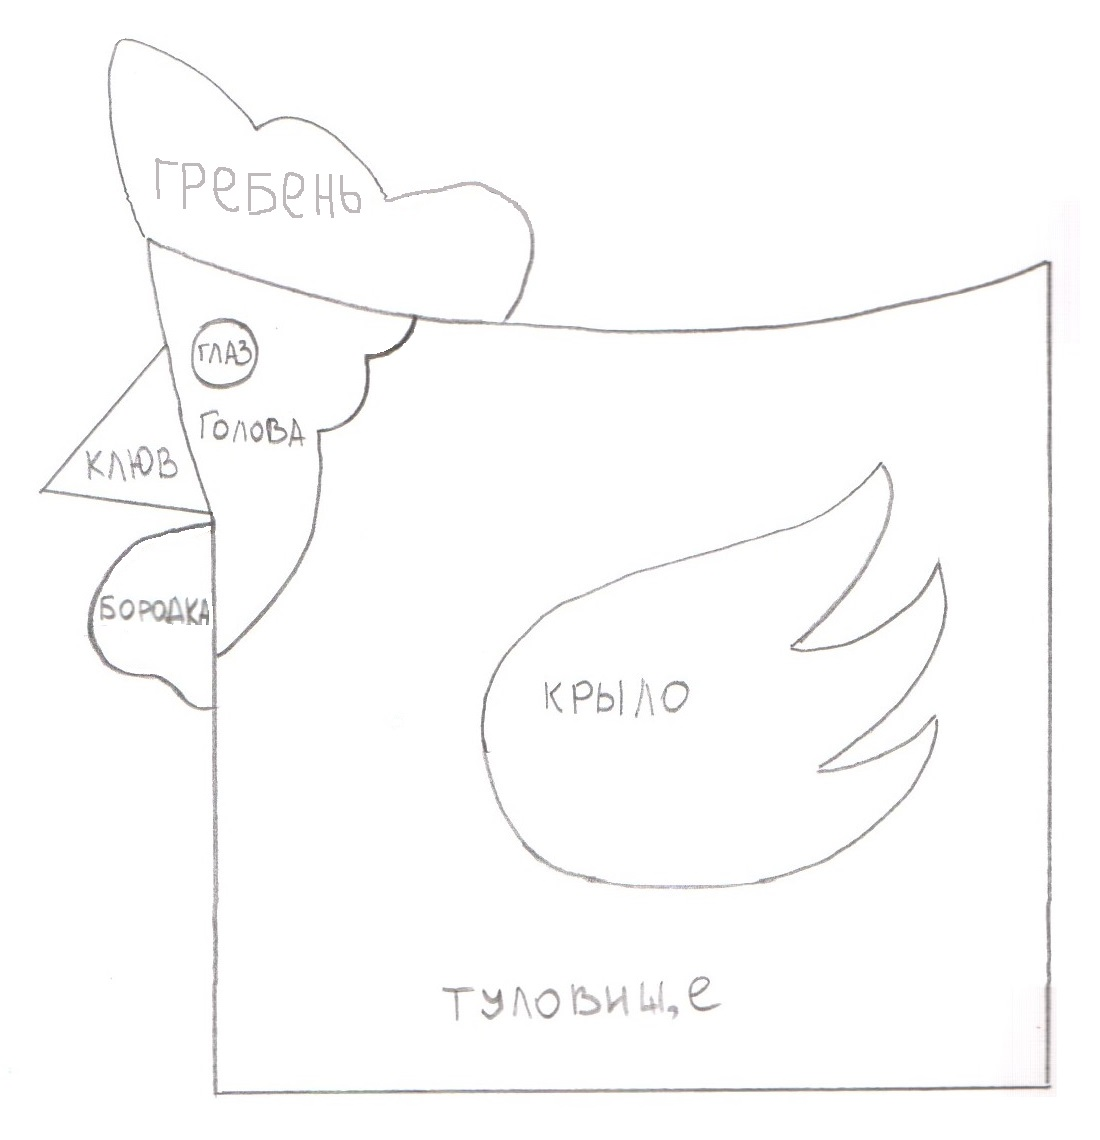 petuh-vykroika-variant1